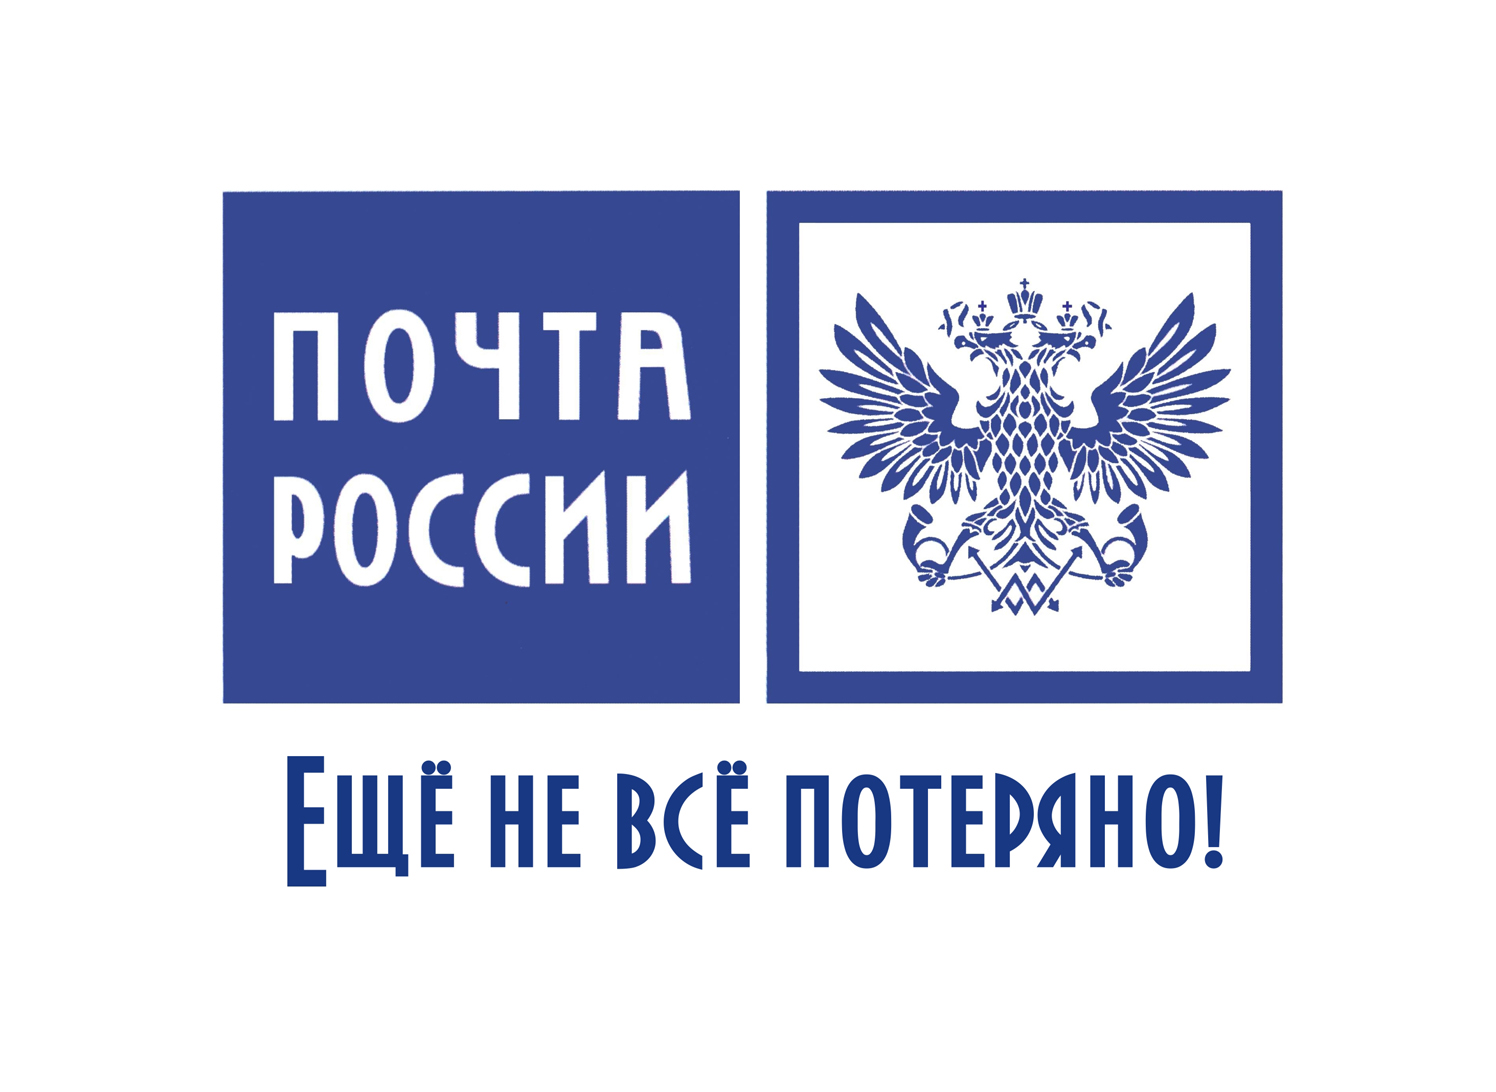 Почта россии обои для рабочего стола